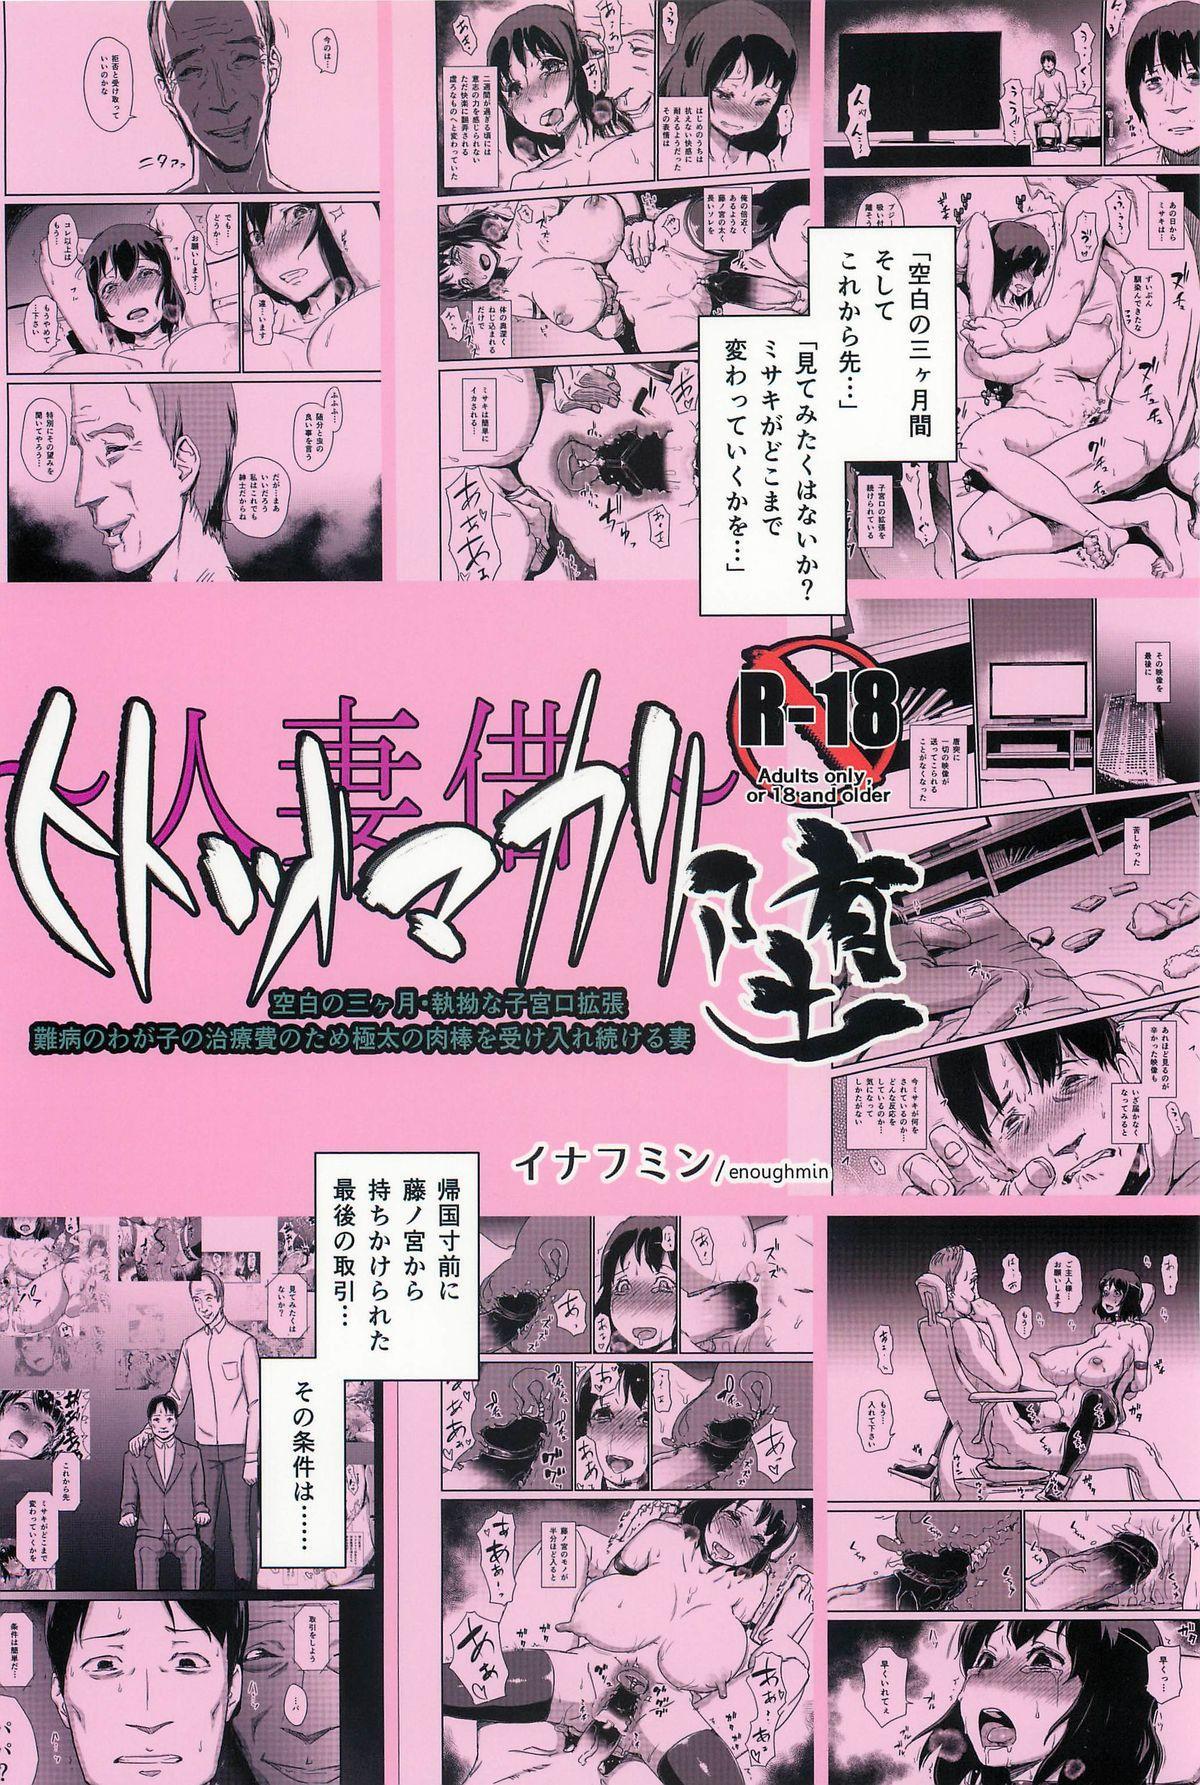 Hitozuma Kari Daraku 59